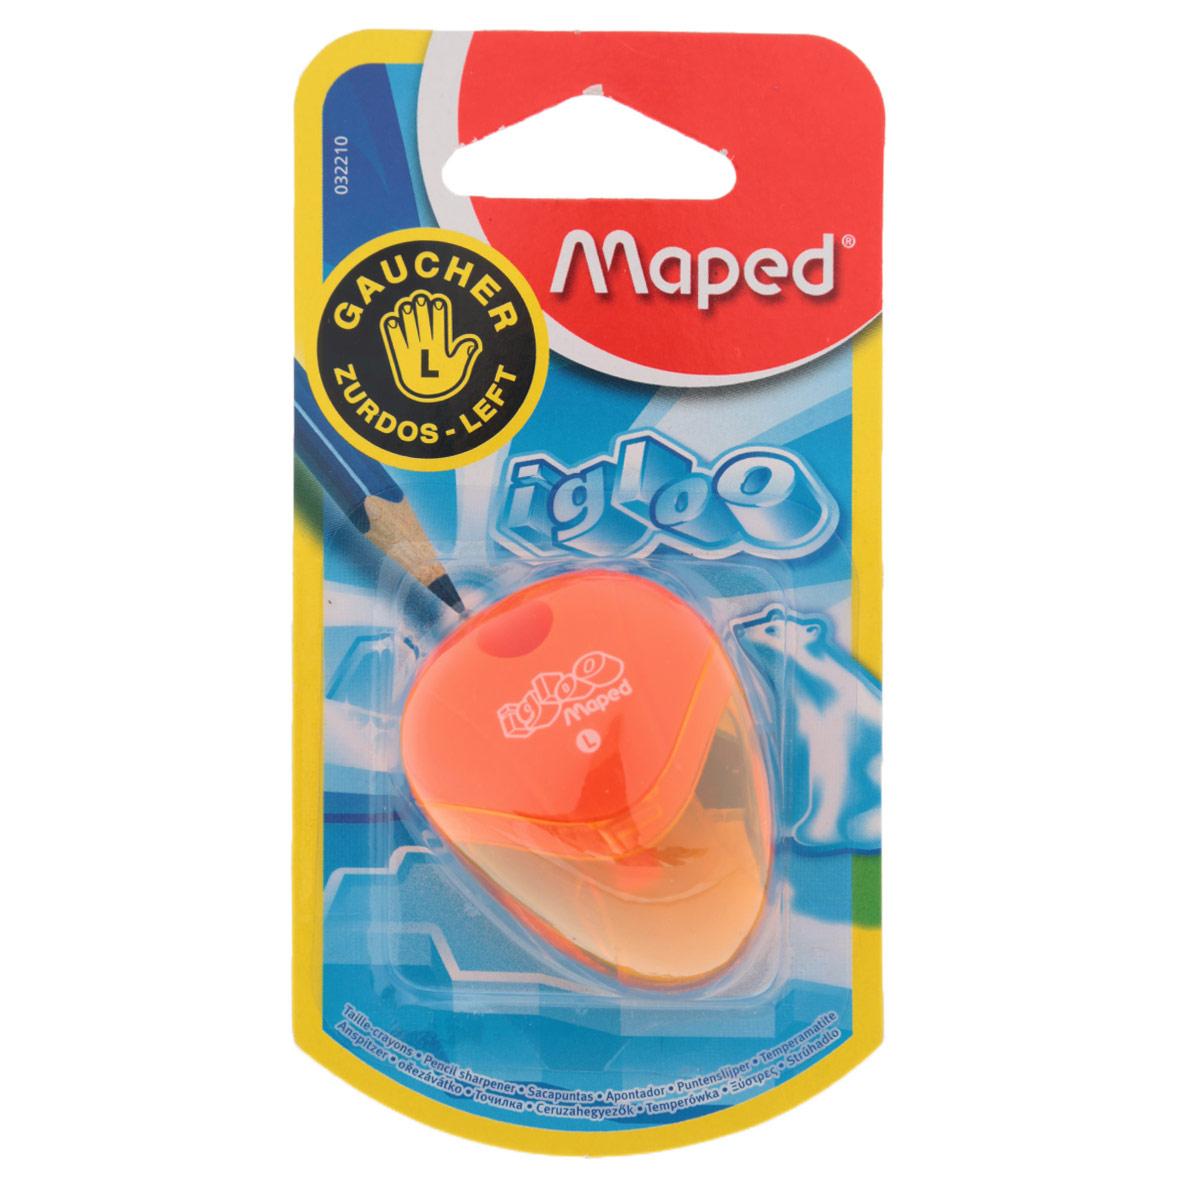 Точилка Maped Igloo, для левшей, цвет: оранжевый72523WDТочилка Igloo для левшей с одним отверстием выполнена из ударопрочного пластика. Полупрозрачный контейнер для сбора стружки позволяет визуально контролировать уровень заполнения и вовремя производить очистку. Подходит как для школы, так и для офиса.Рекомендовано детям старше трех лет.